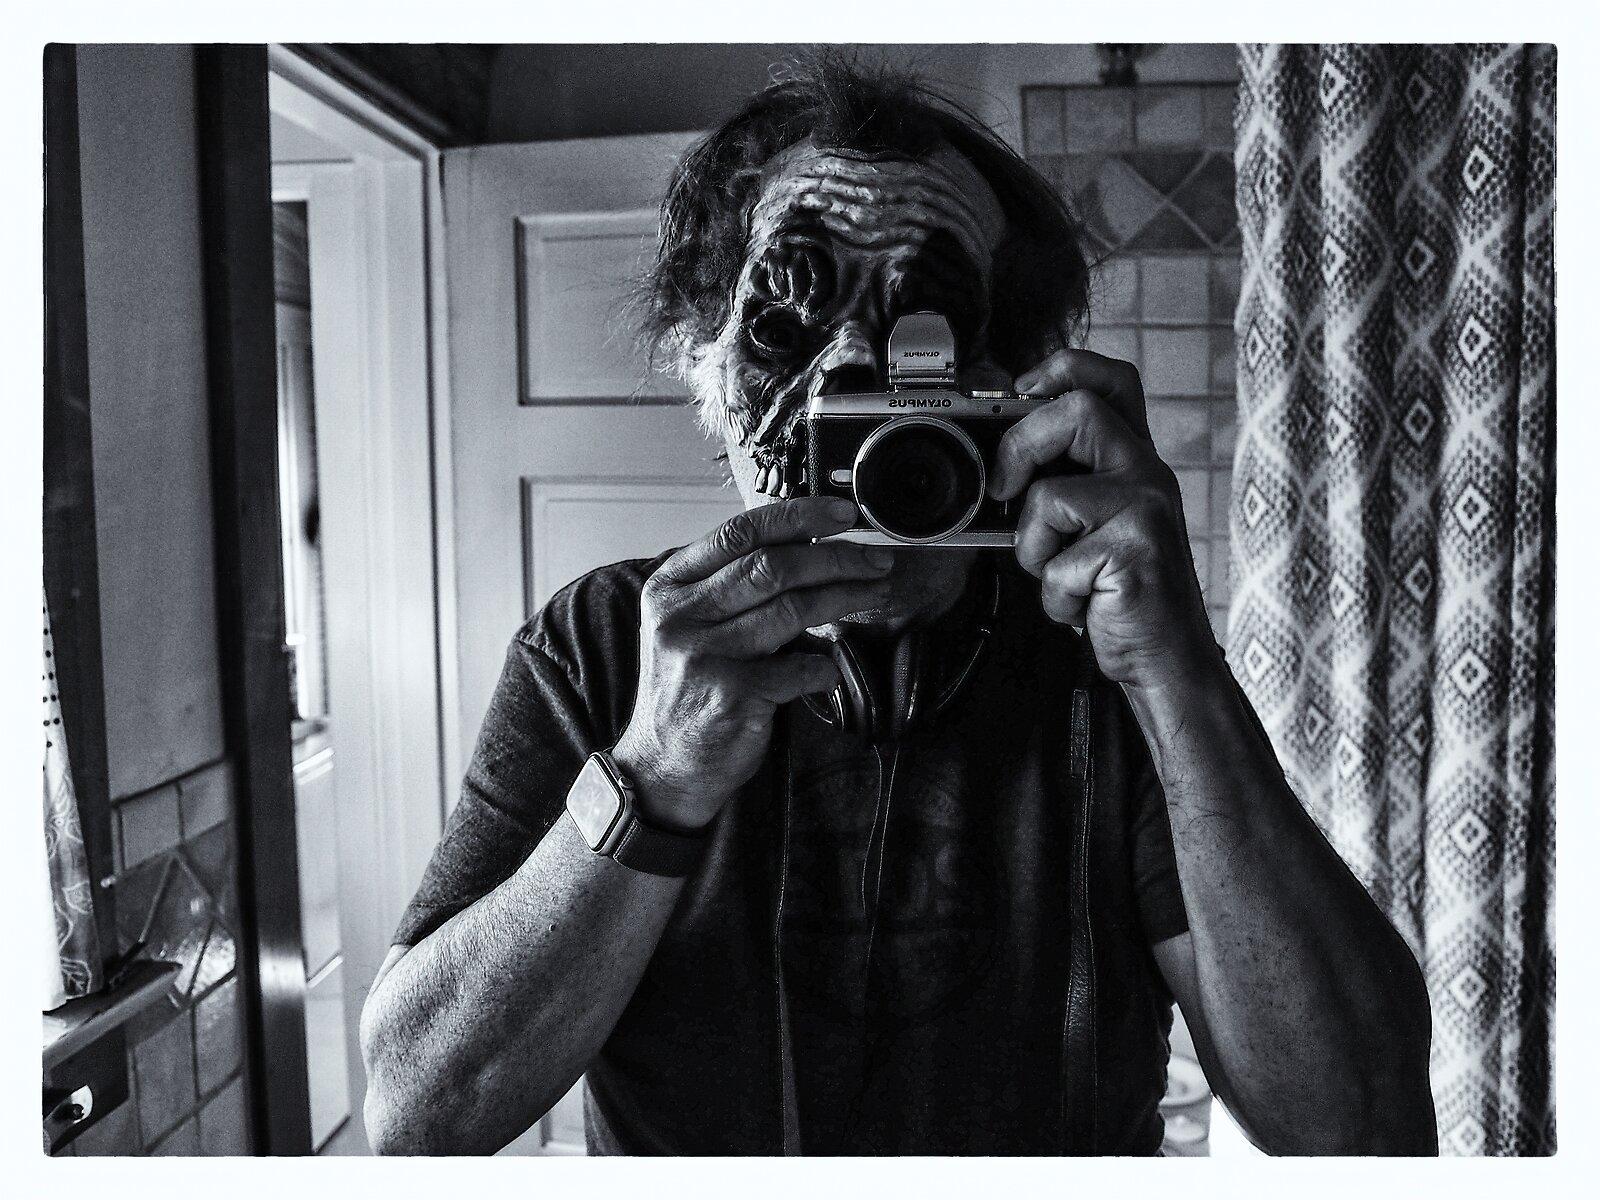 EP3_Nov6_Post_Halloween_monster_selfie(SlvrEfx).jpg